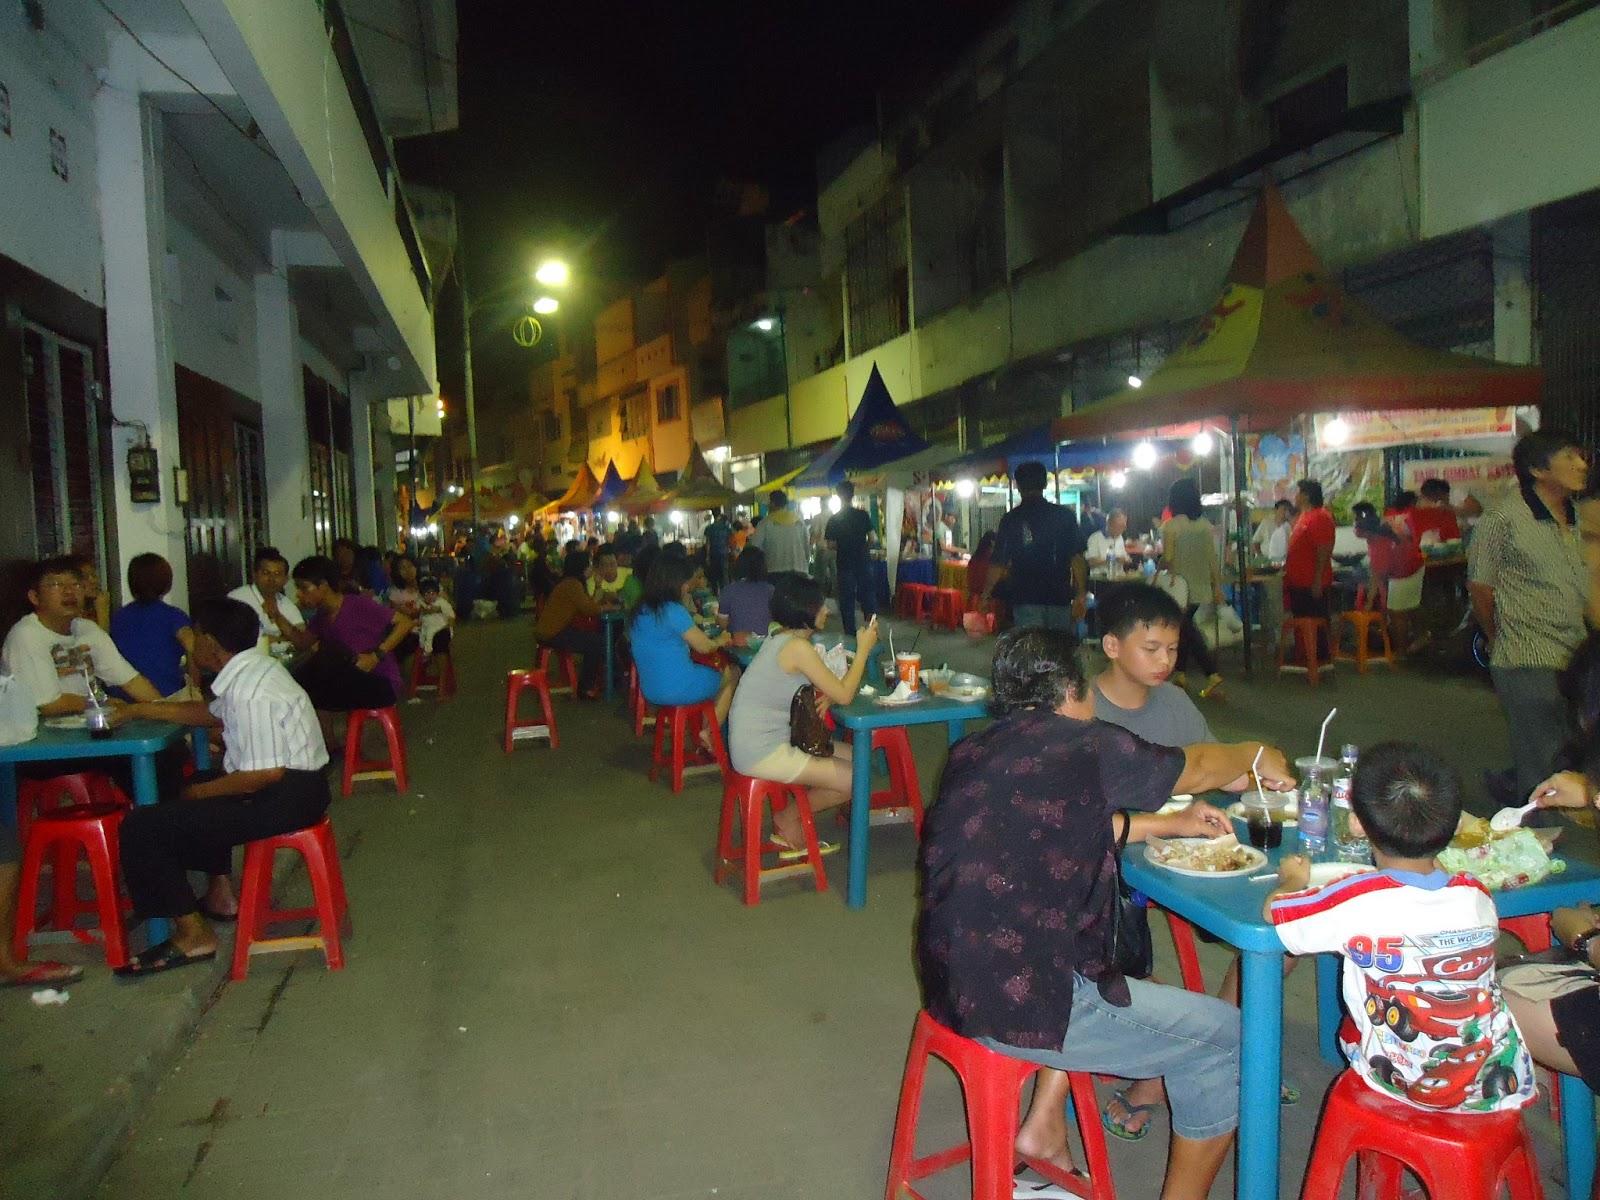 Wisata Kota Semarang dari Pecinan sampai Lawang Sewu